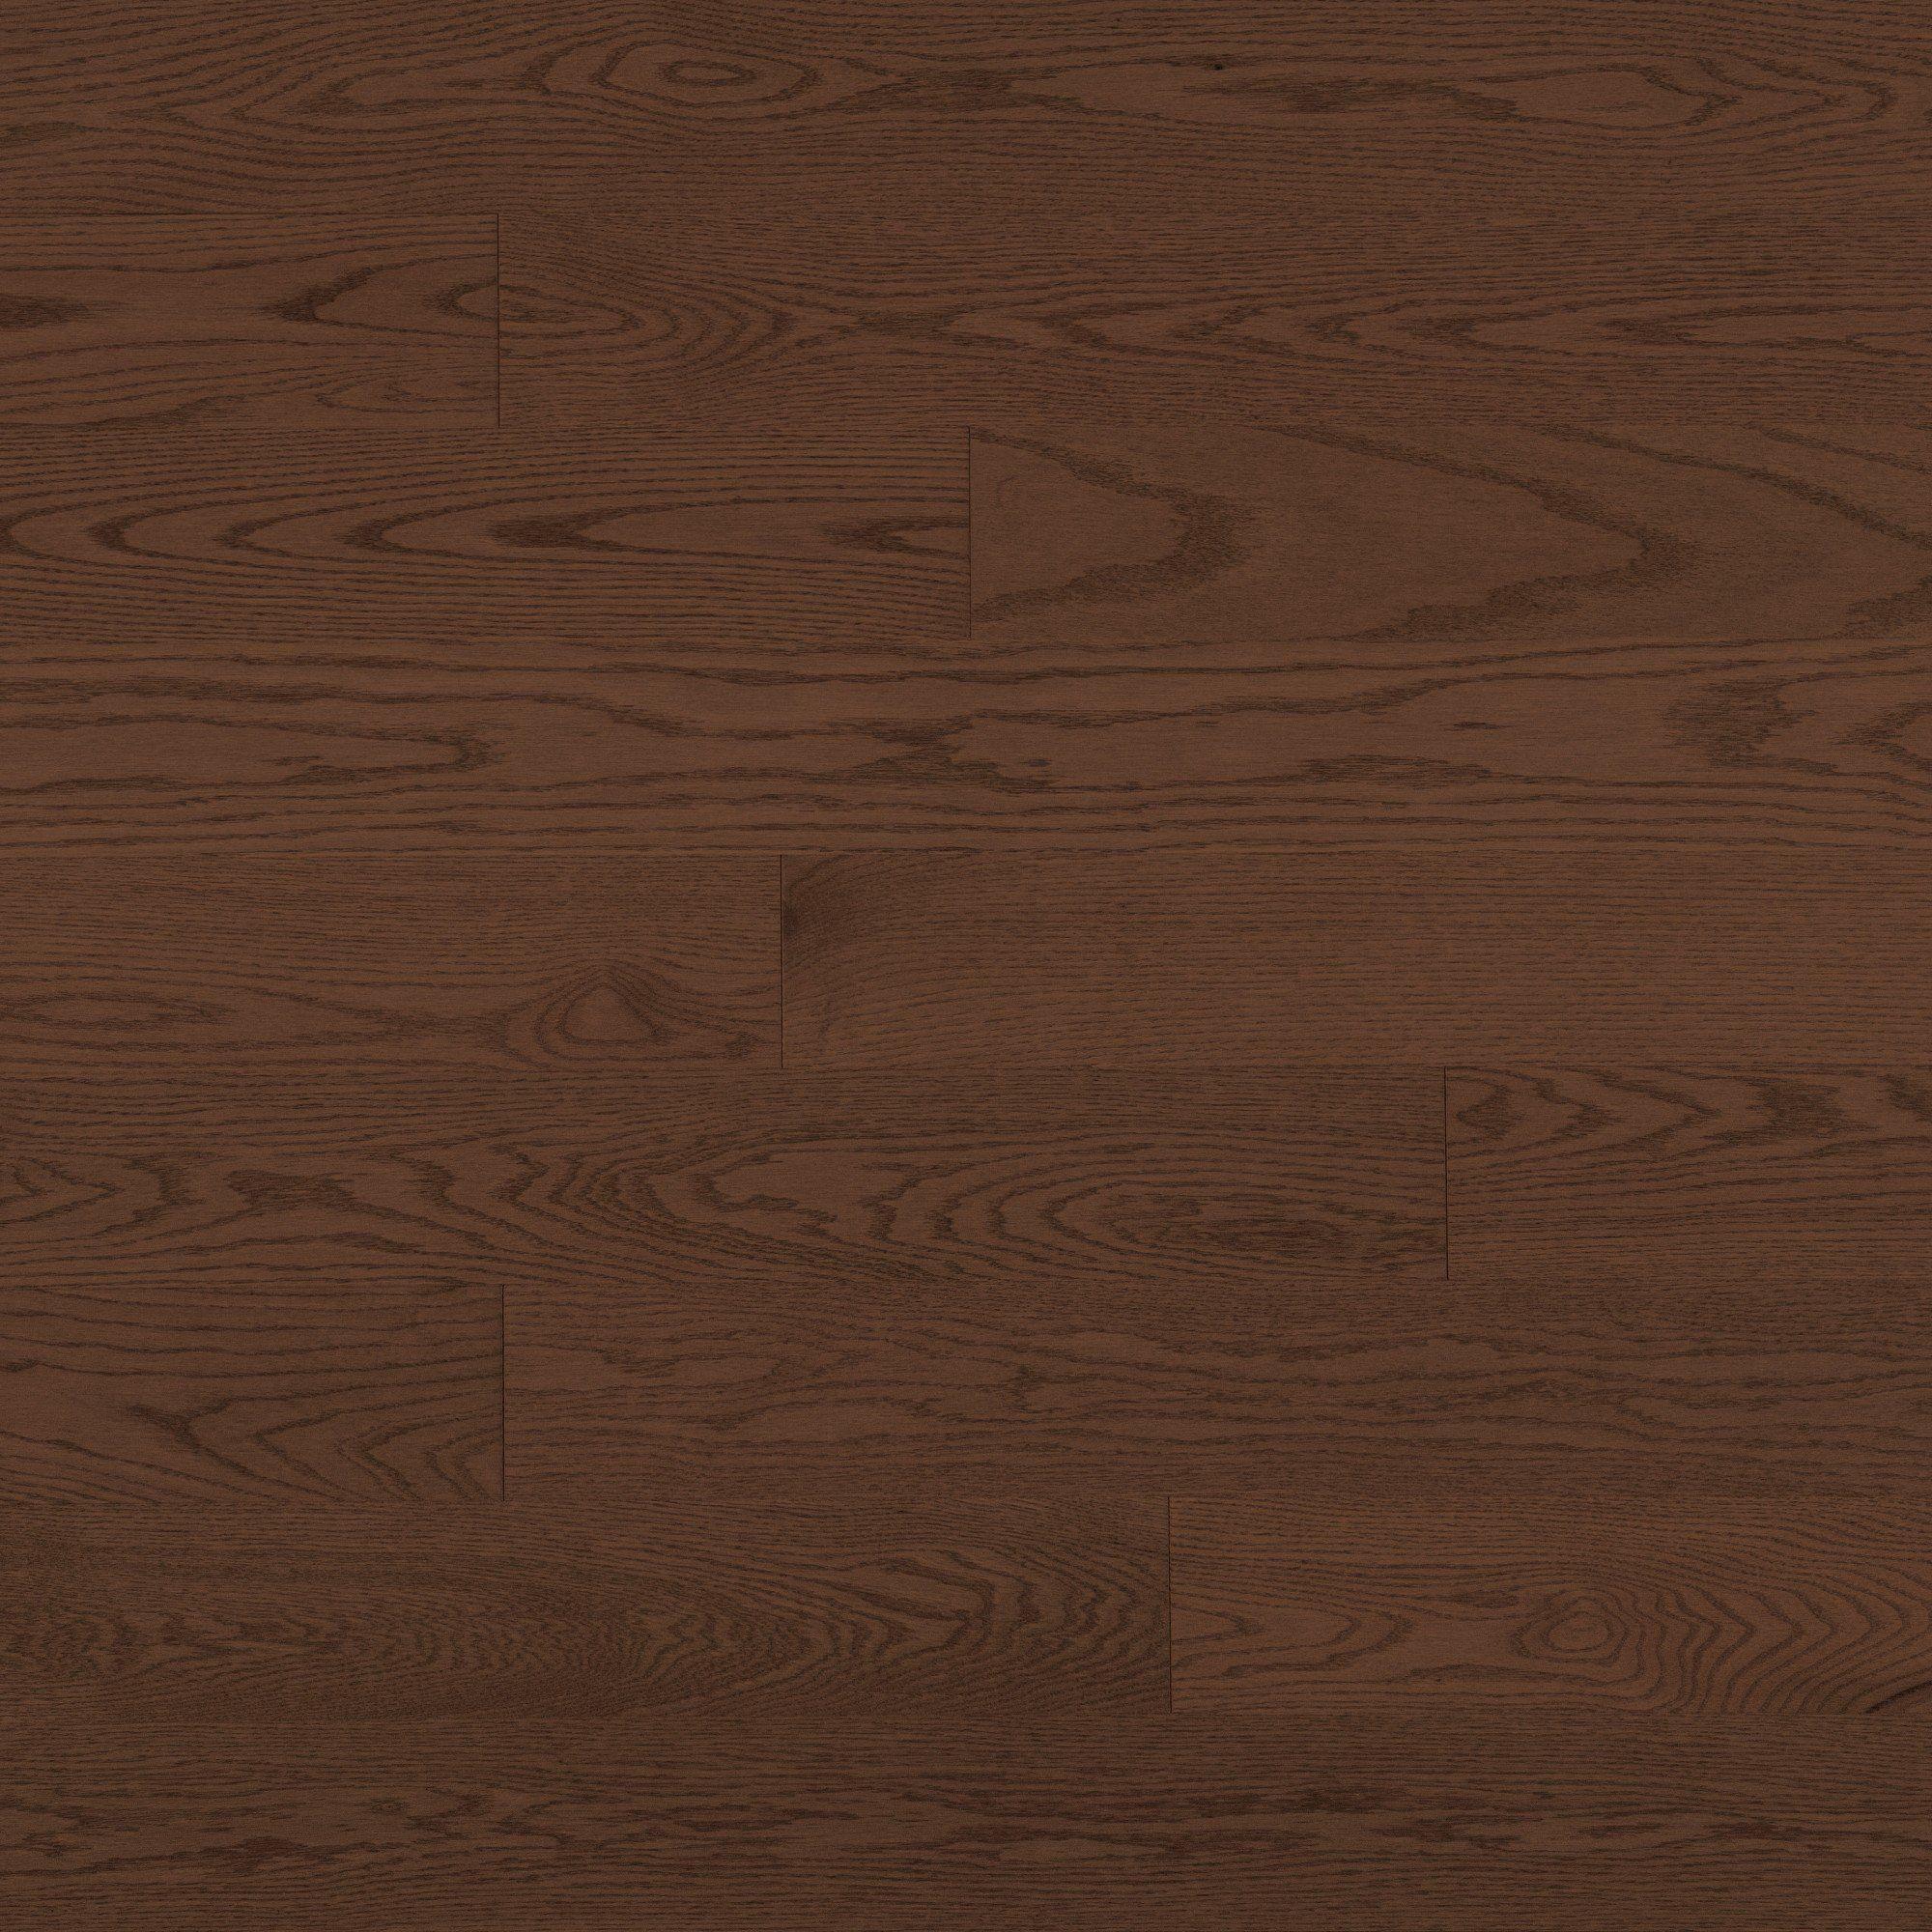 Red Oak Umbria Exclusive Smooth Red Oak Flooring Hardwood Floors